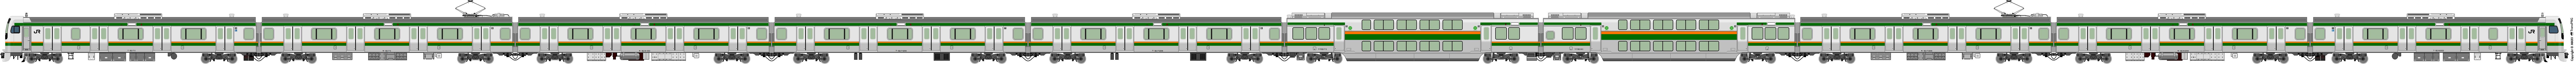 [5010] 東日本旅客鉄道 5010